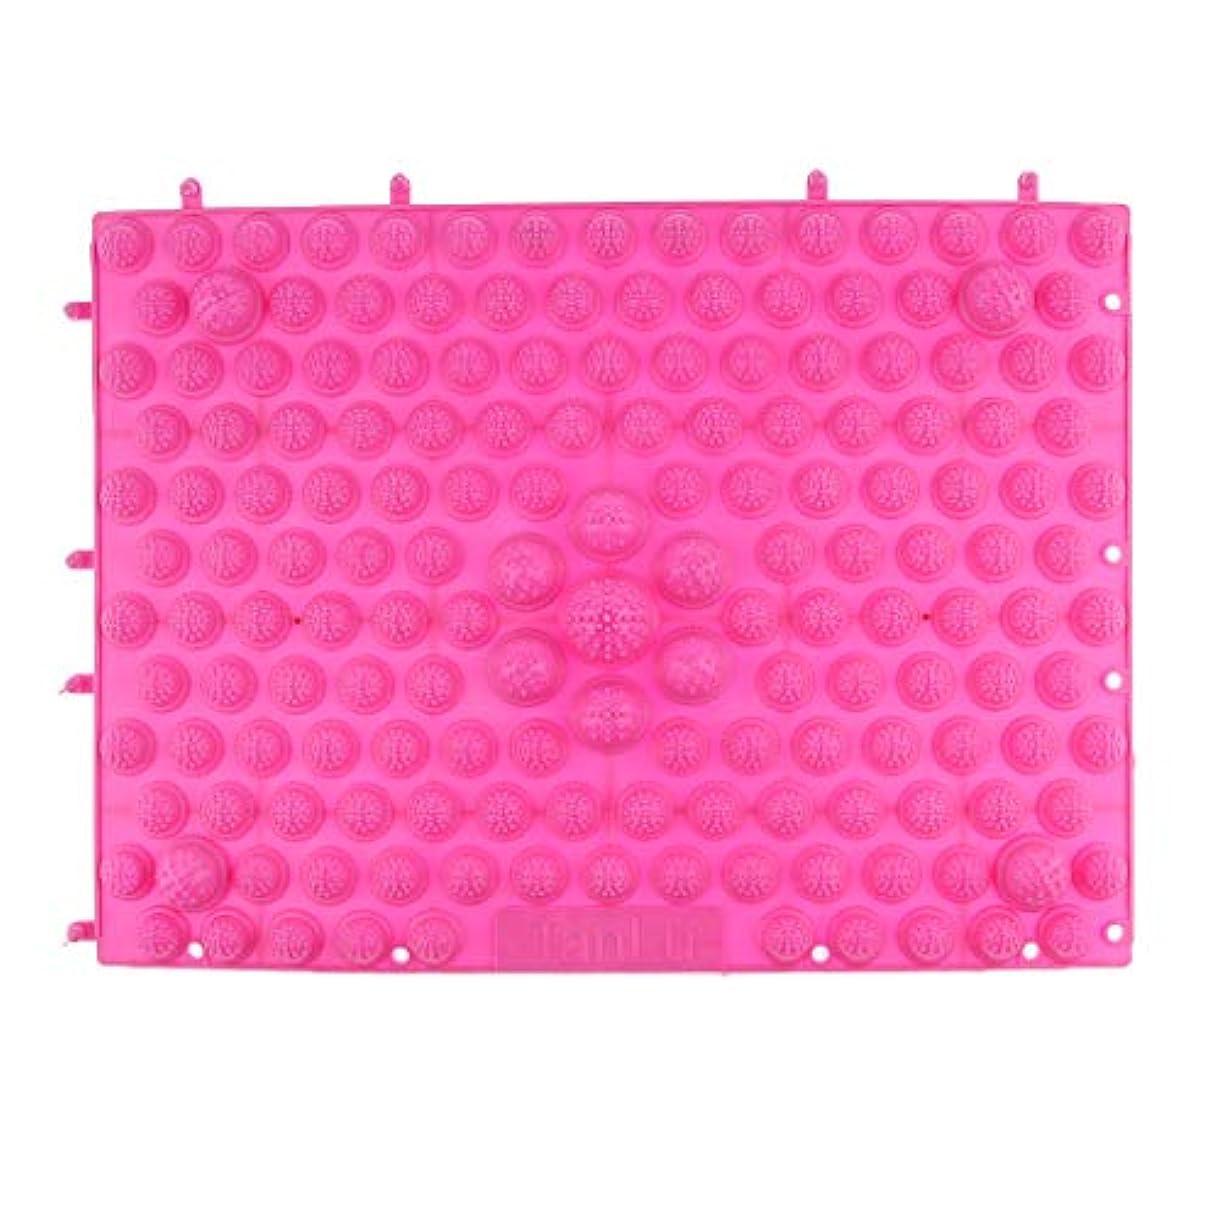 重荷並外れて成長するフットマッサージマット マッサージシート 指圧クッション ストレス解消 快適 多色選べ - ピンク